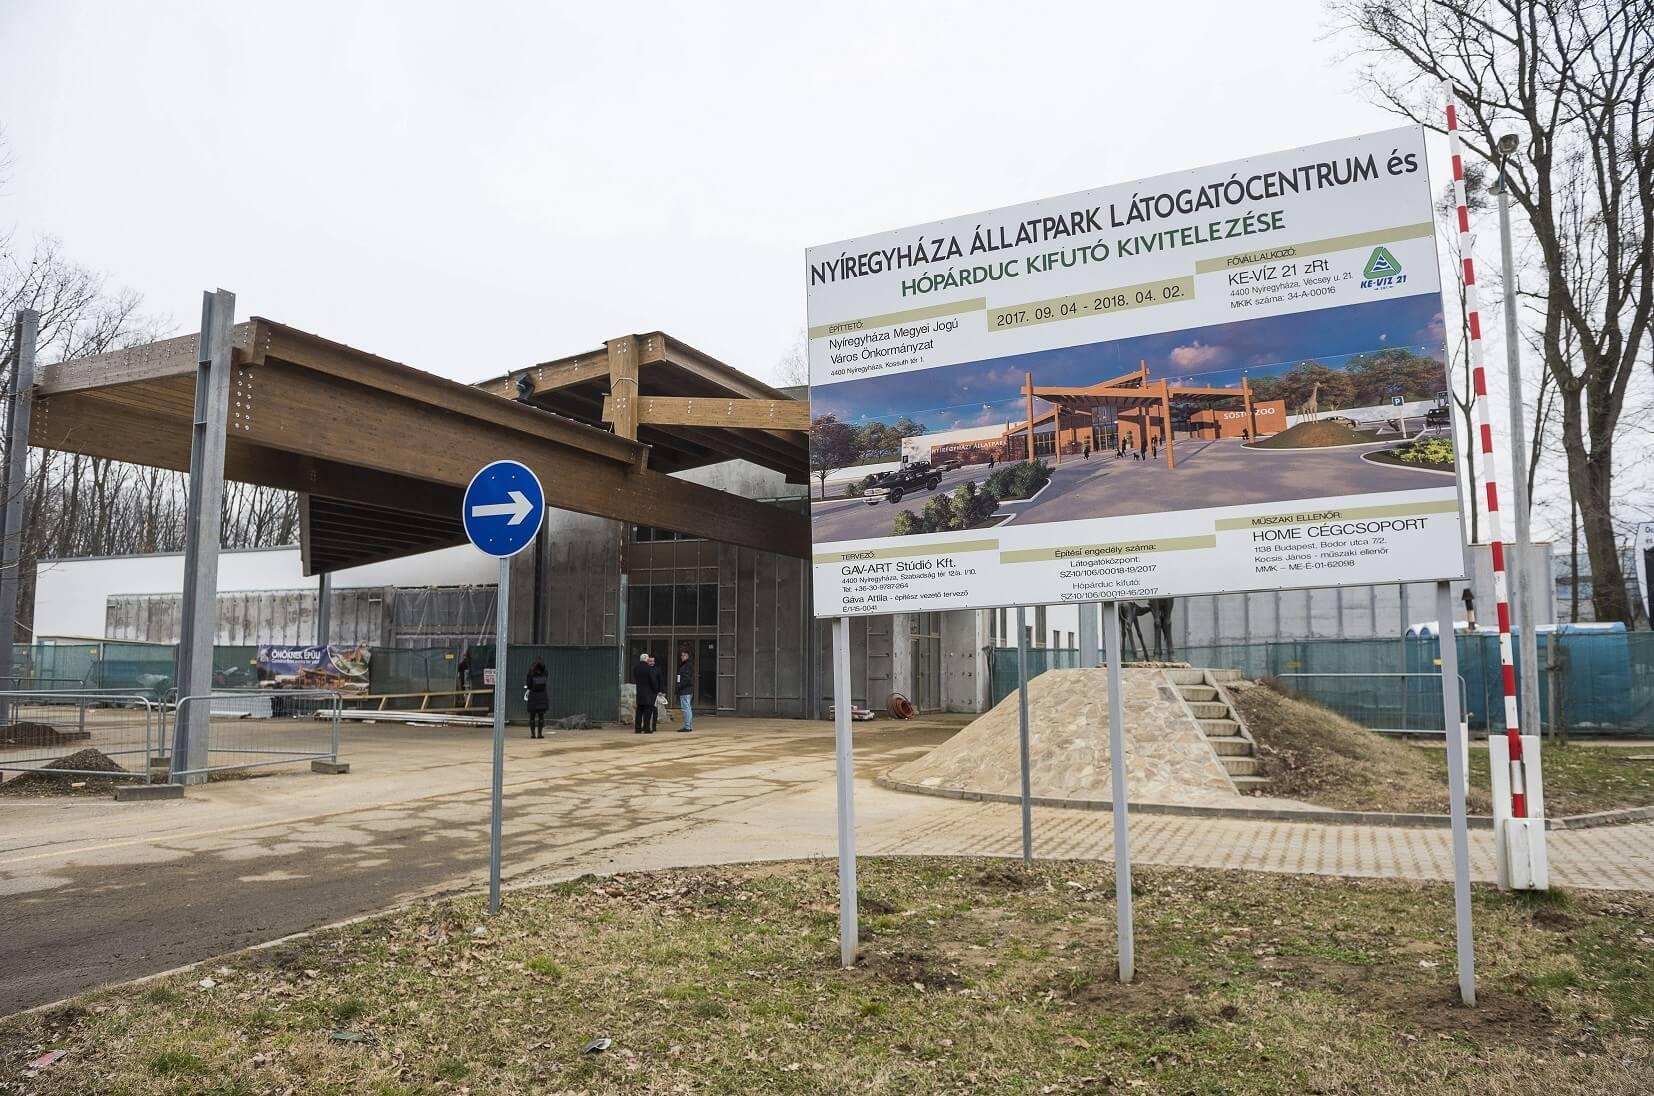 Húsvétra felépíti a nyíregyházi állatkert látogatócentrumát a Ke-Víz